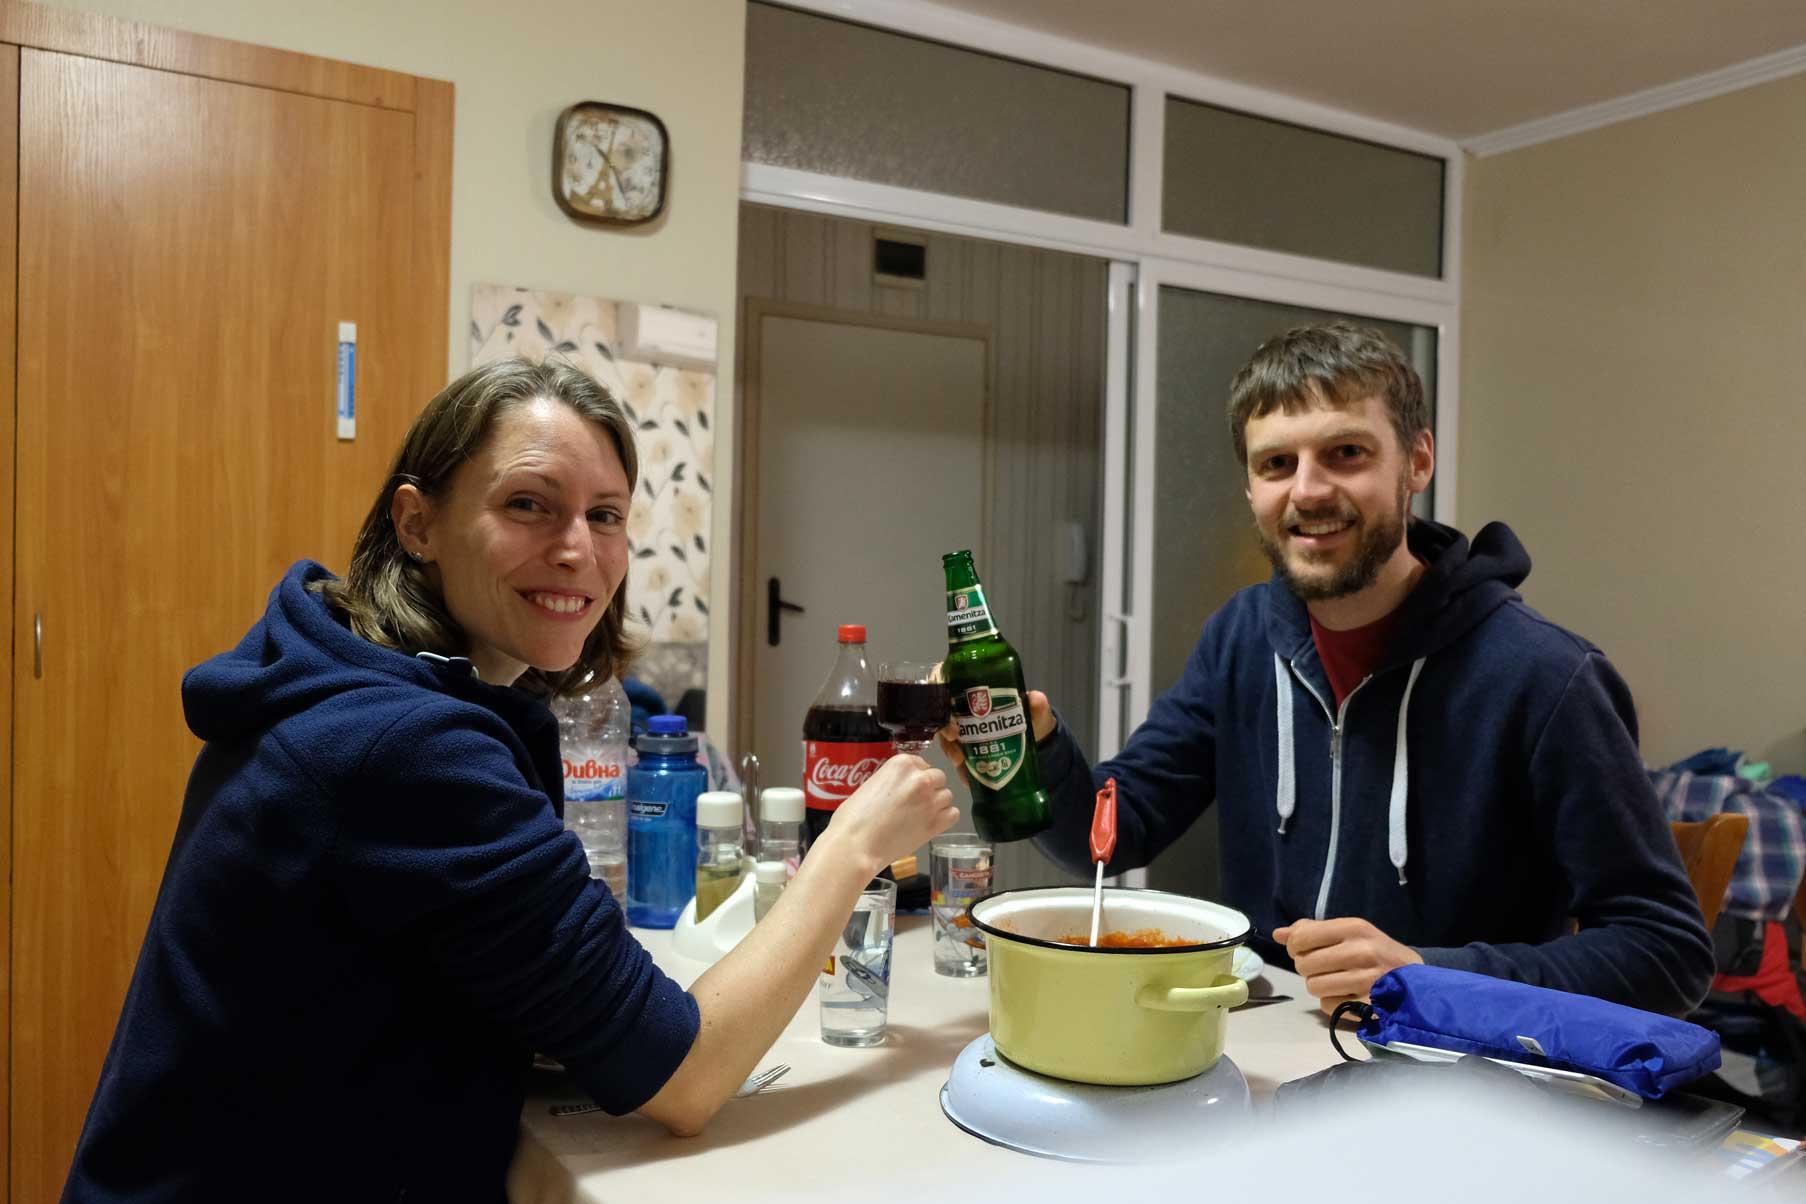 Leo und Sebastian sitzen am Tisch und stoßen mit Wein und Bier an